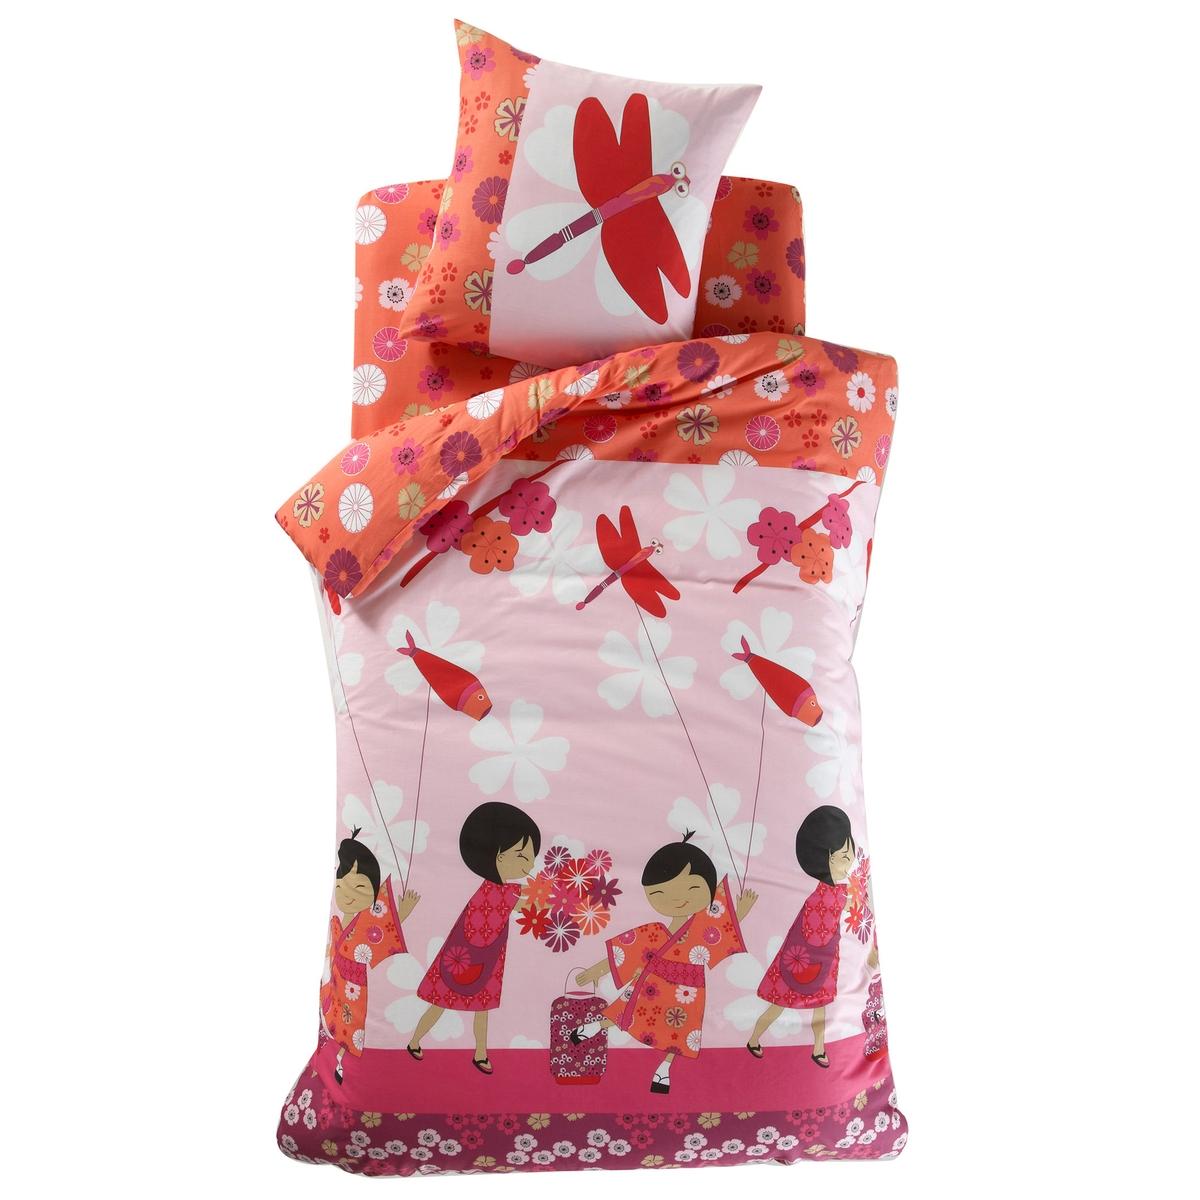 Пододеяльник детский, OYASUMI, 100% хлопкаСостав и описание:Рисунок: лицевая сторона: рисунок с изображением японских девочек в кимоно с цветочным узором и воздушный змей на розовом фоне. оборотная сторона: цветочный рисунок на оранжевом фоне.Материал: 100% хлопка, плотное переплетение нитей, 57 нитей/см?. Чем больше нитей/см?, тем выше качество материалаУход : Стирка при 60°C.Знак Oeko-Tex® гарантирует, что товары прошли проверку и были изготовлены без применения вредных для здоровья человека веществ.Найдите наволочки и простынь той же расцветки на сайте  laredoute.ruРазмеры:140 x 200 см: 1-сп.200 х 200 см: 2-сп.<br><br>Цвет: розовый